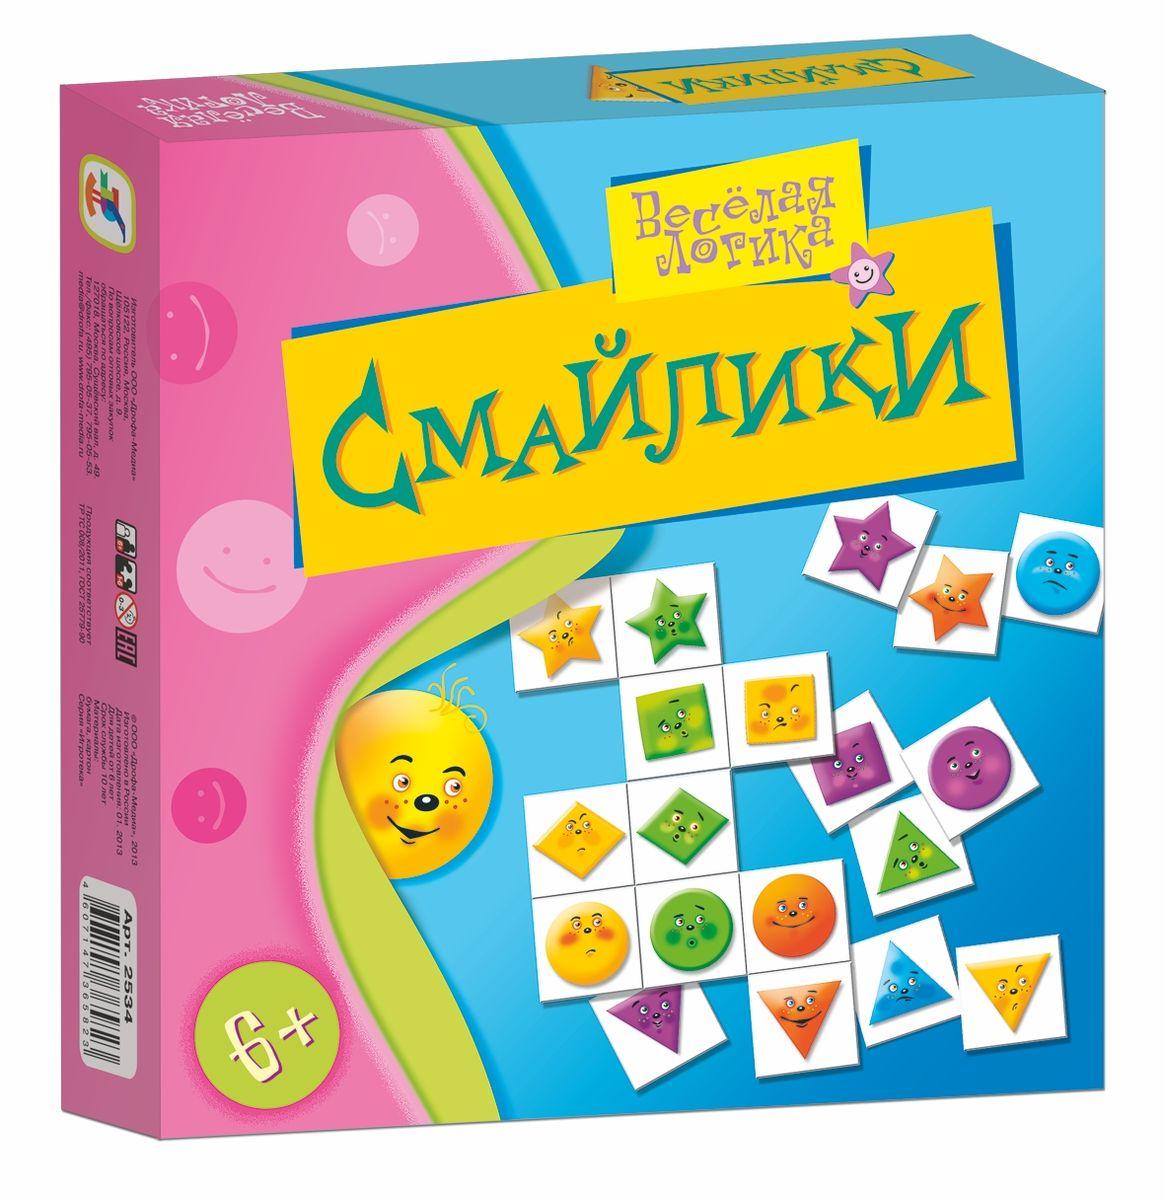 Дрофа-Медиа Настольная игра Смайлики2534Настольная игра Смайлики позволит ребенку весело и увлекательно провести свободное время. Увлекательная игра для всей семьи понравится и детям, и взрослым: в ней есть как элемент случайности, так и простор для стратегических решений. Игра развивает образное и логическое мышление, внимание, усидчивость, умение планировать свои действия. Игра позволит весело провести время не только детям, но и взрослым. Настольная игра Смайлики станет незаменимым подарком вашим близким и родным людям!